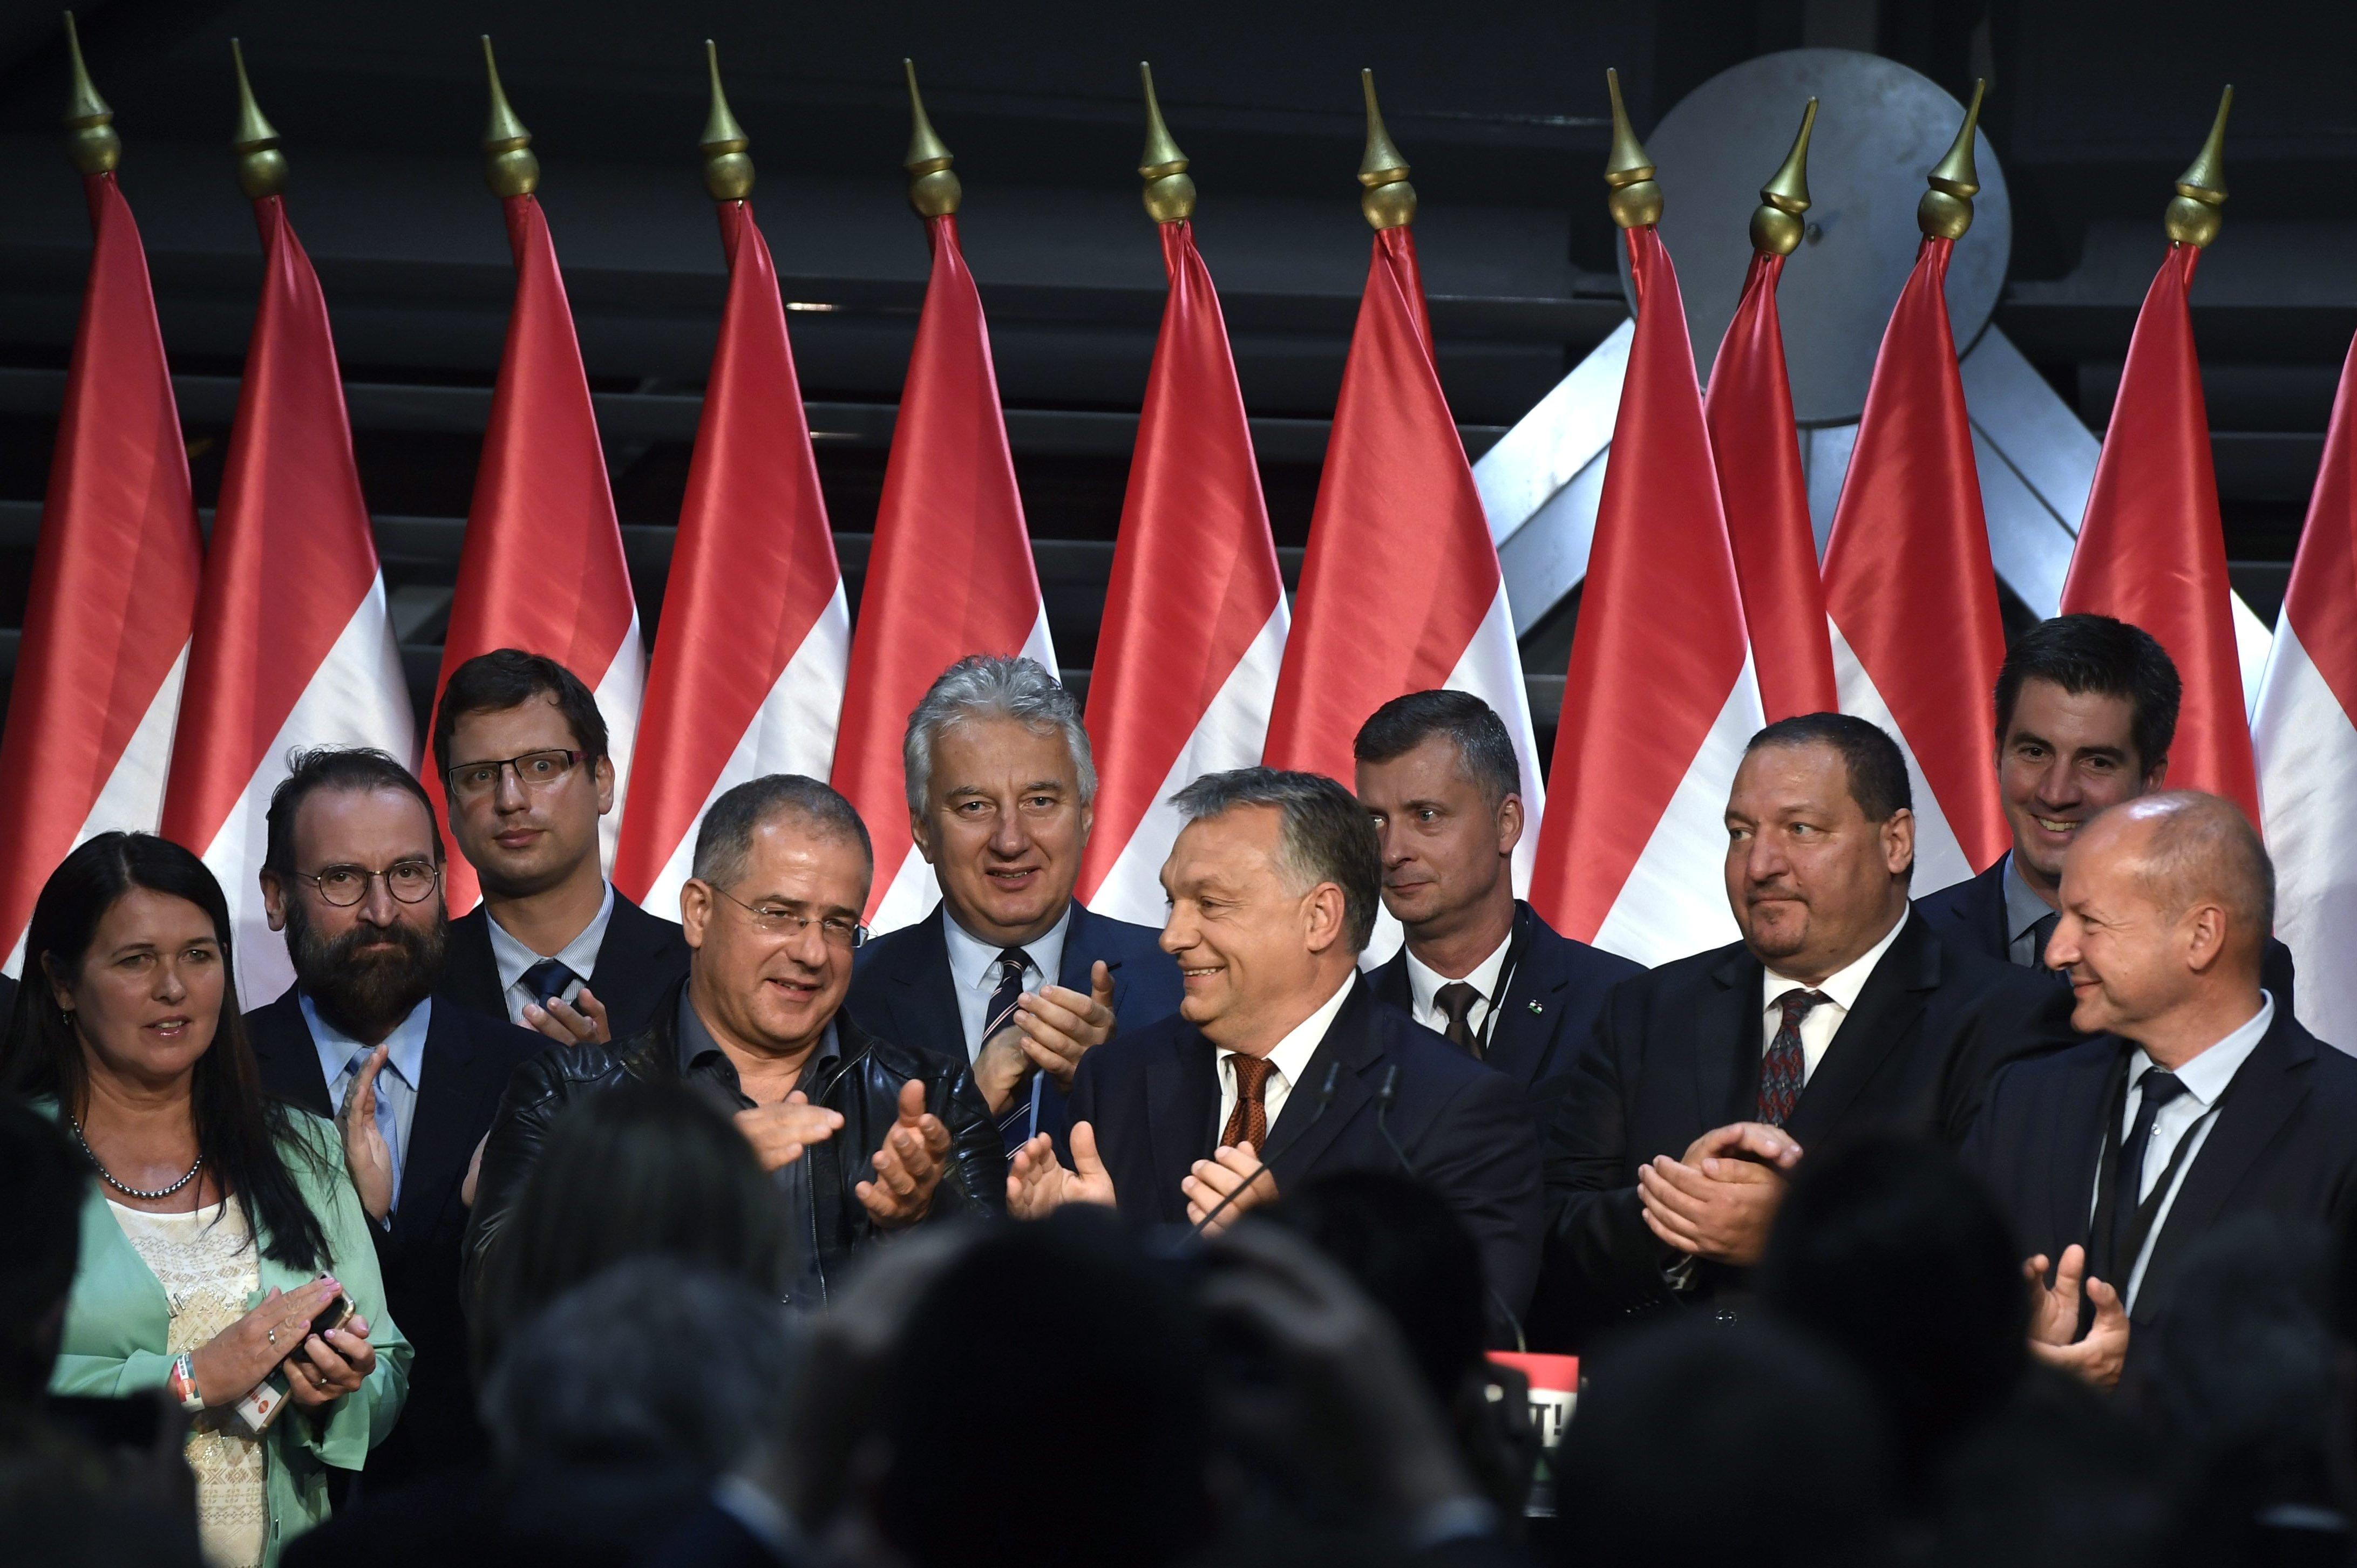 Nyilvános a Fidesz jelöltlistája: tényleg Hollik indul Juhász Péter ellen, Mengyi Voldemortot ejtették